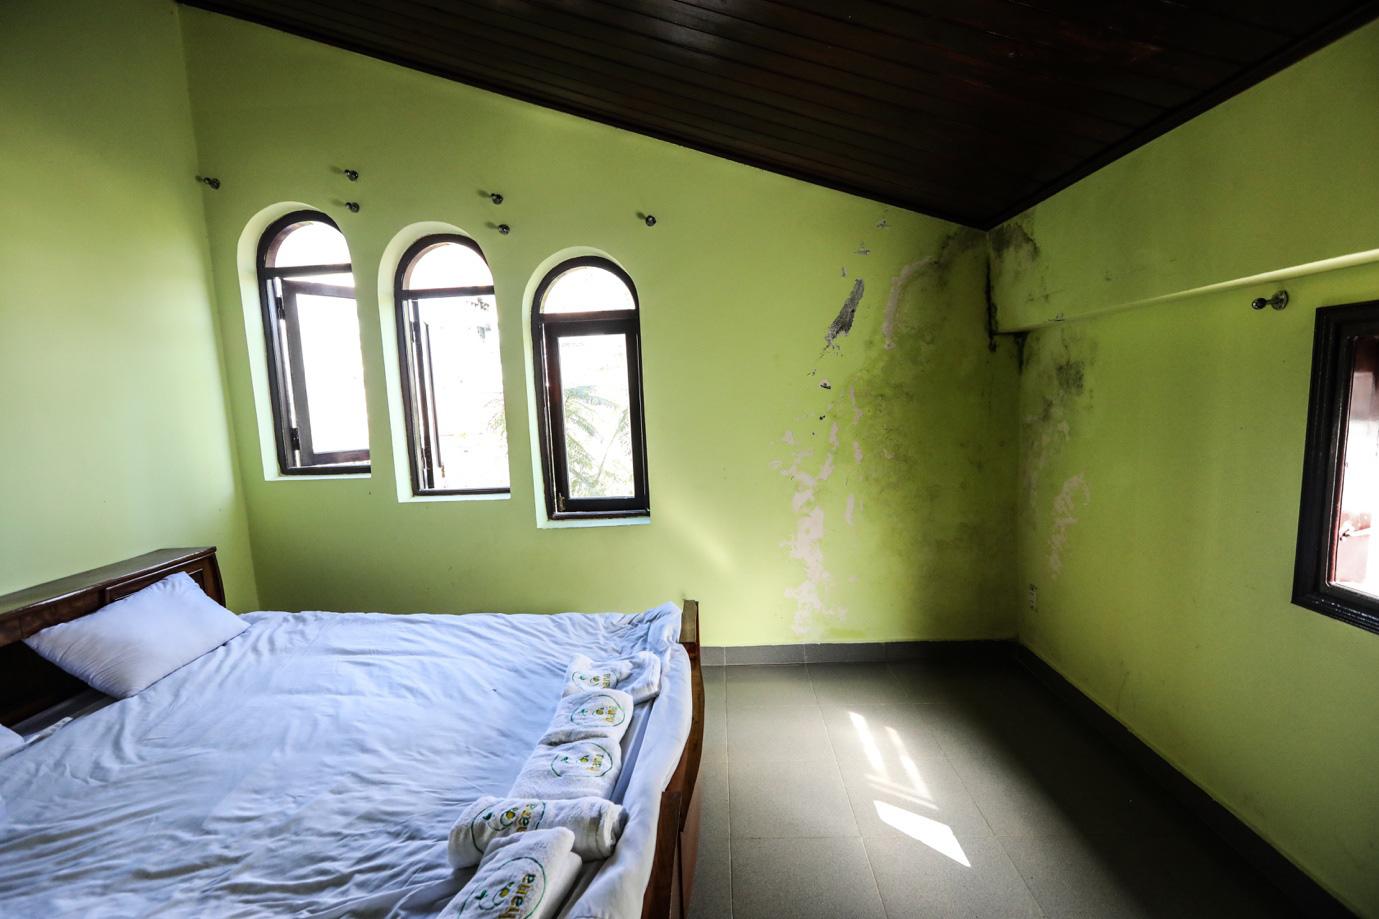 Kế hoạch giải cứu ngôi nhà bị nồm ẩm lâu năm tại Đà Lạt - Ảnh 1.